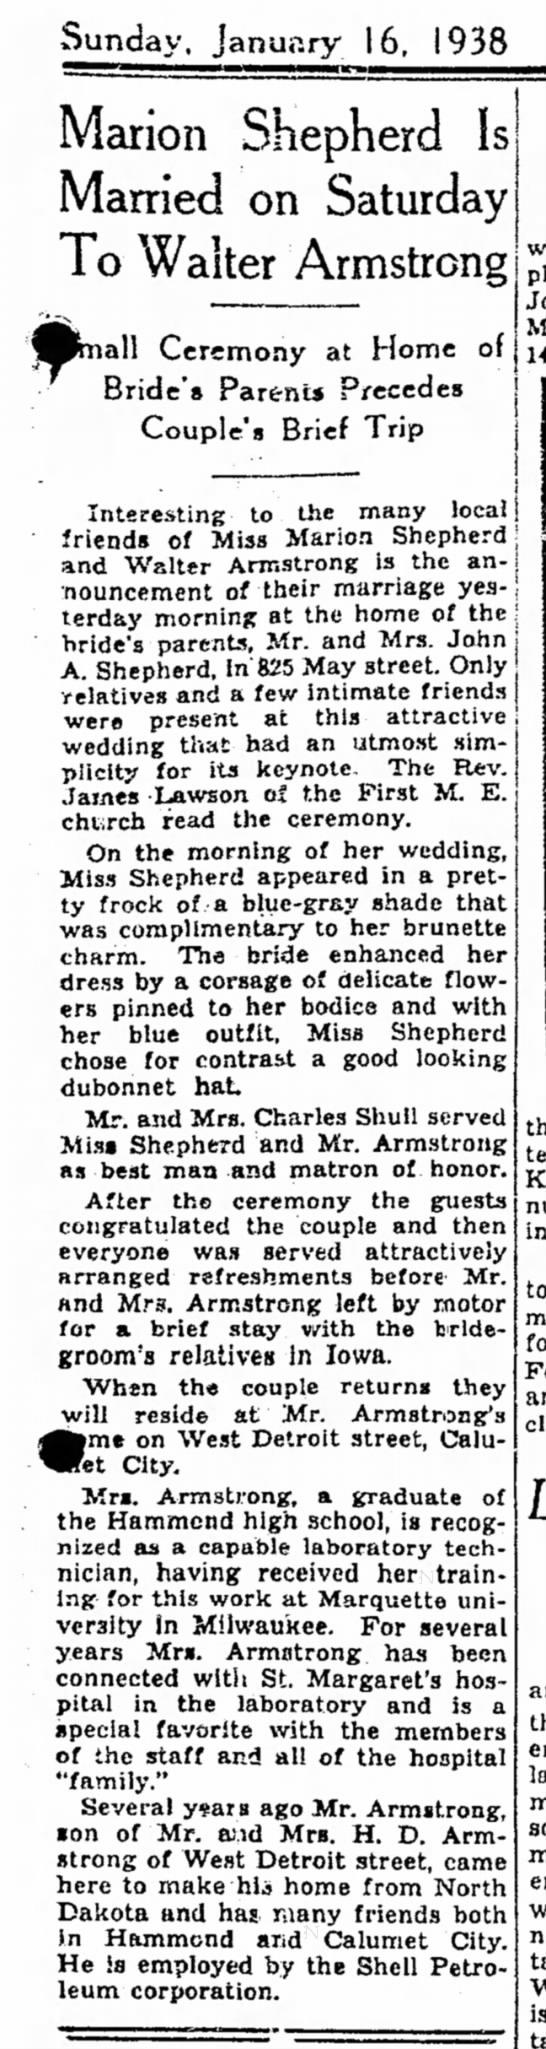 The Times, Hammond, Indiana: Sunday, 16 january, 1938